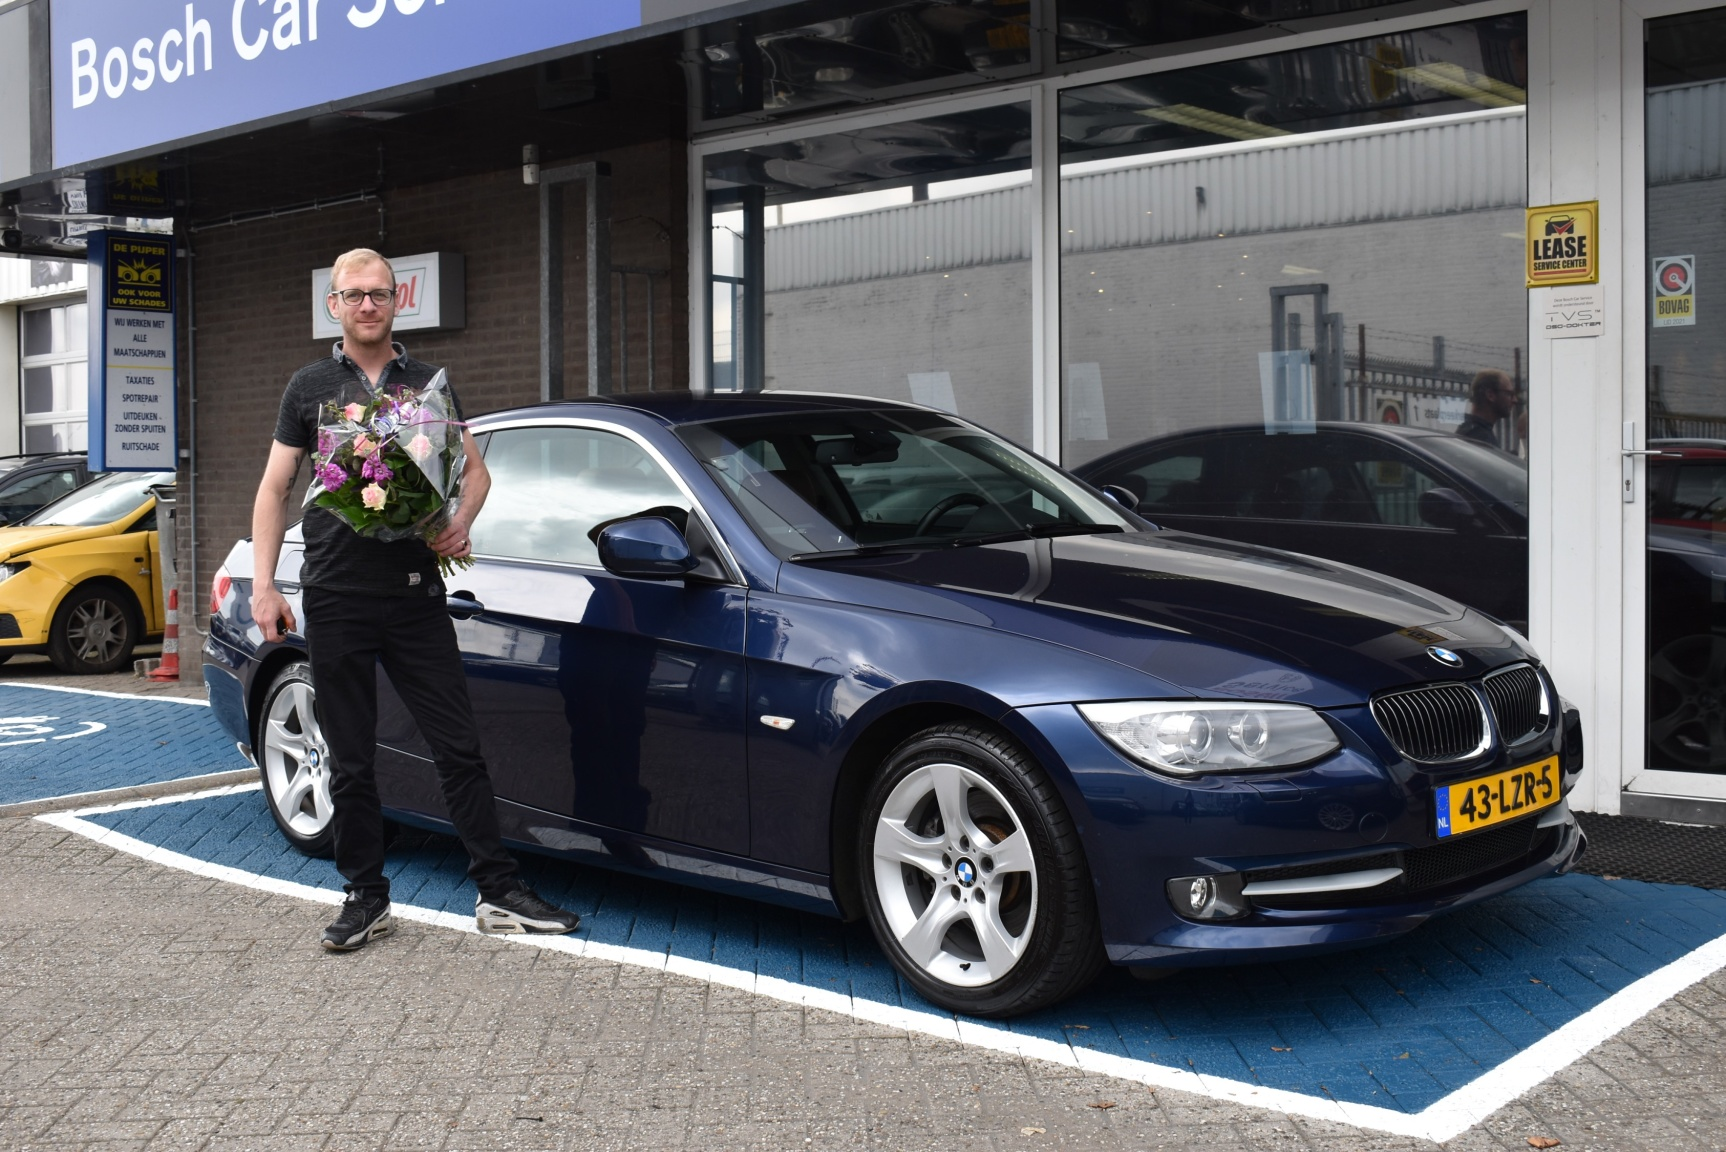 Aflevering BMW 325i-2021-09-14 06:57:18